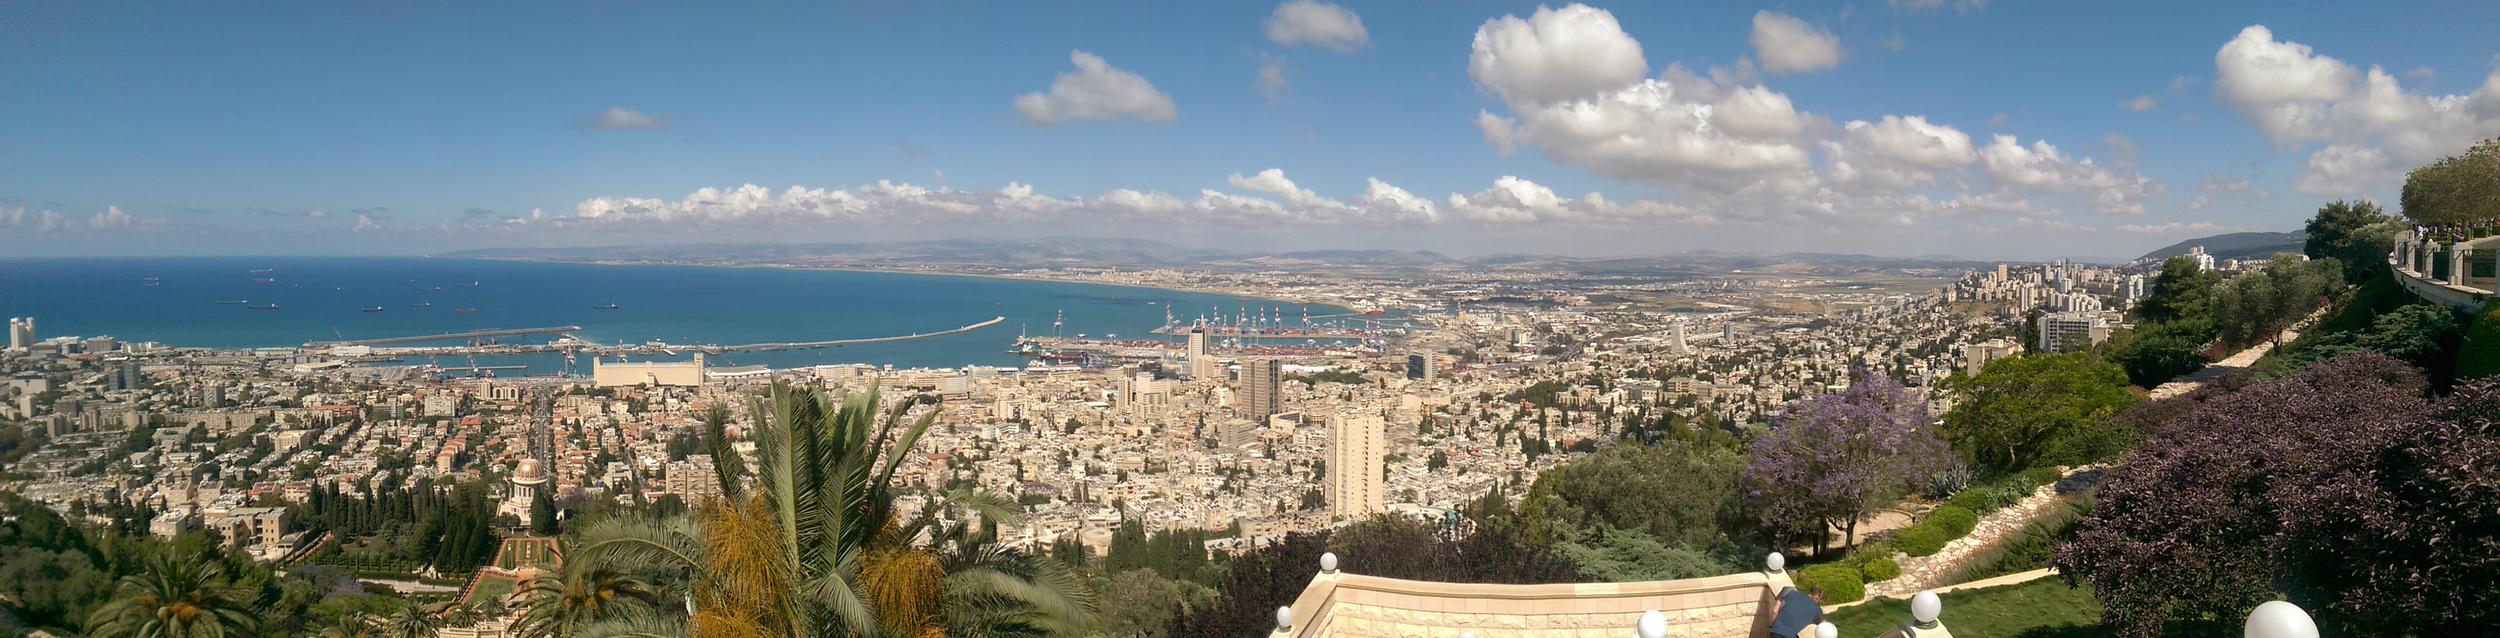 The city of Haifa, as seen from the Bahá'íGardens.